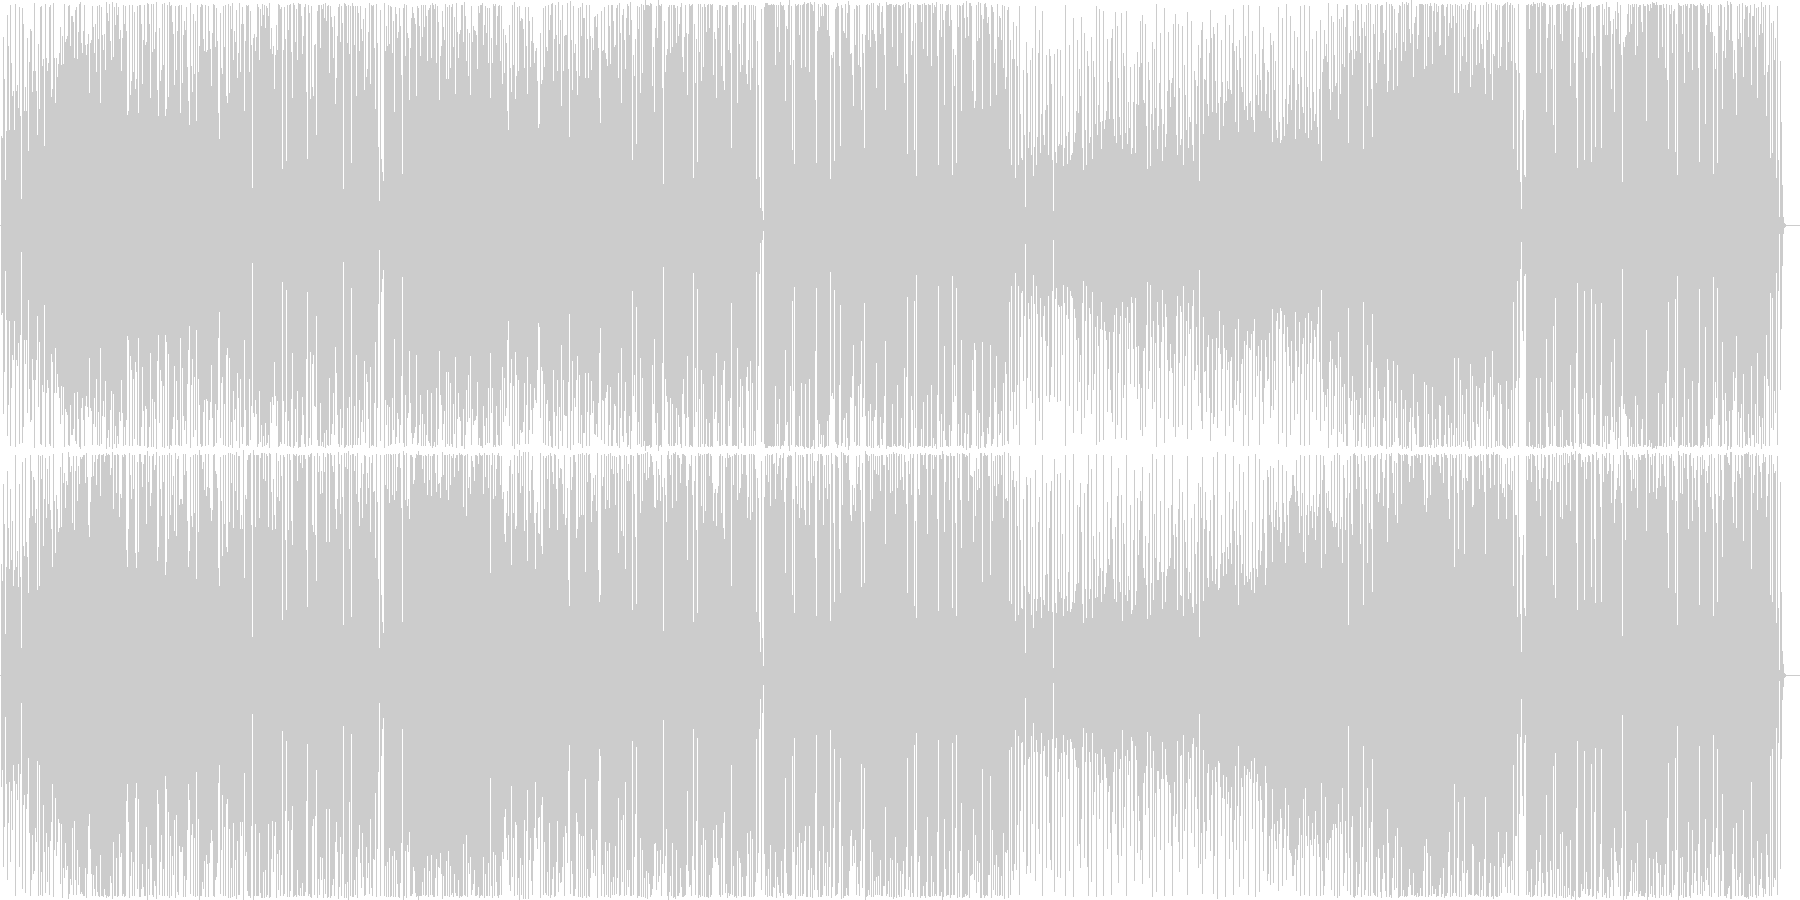 ファンキーなビッグバンド編成の曲の未再生の波形